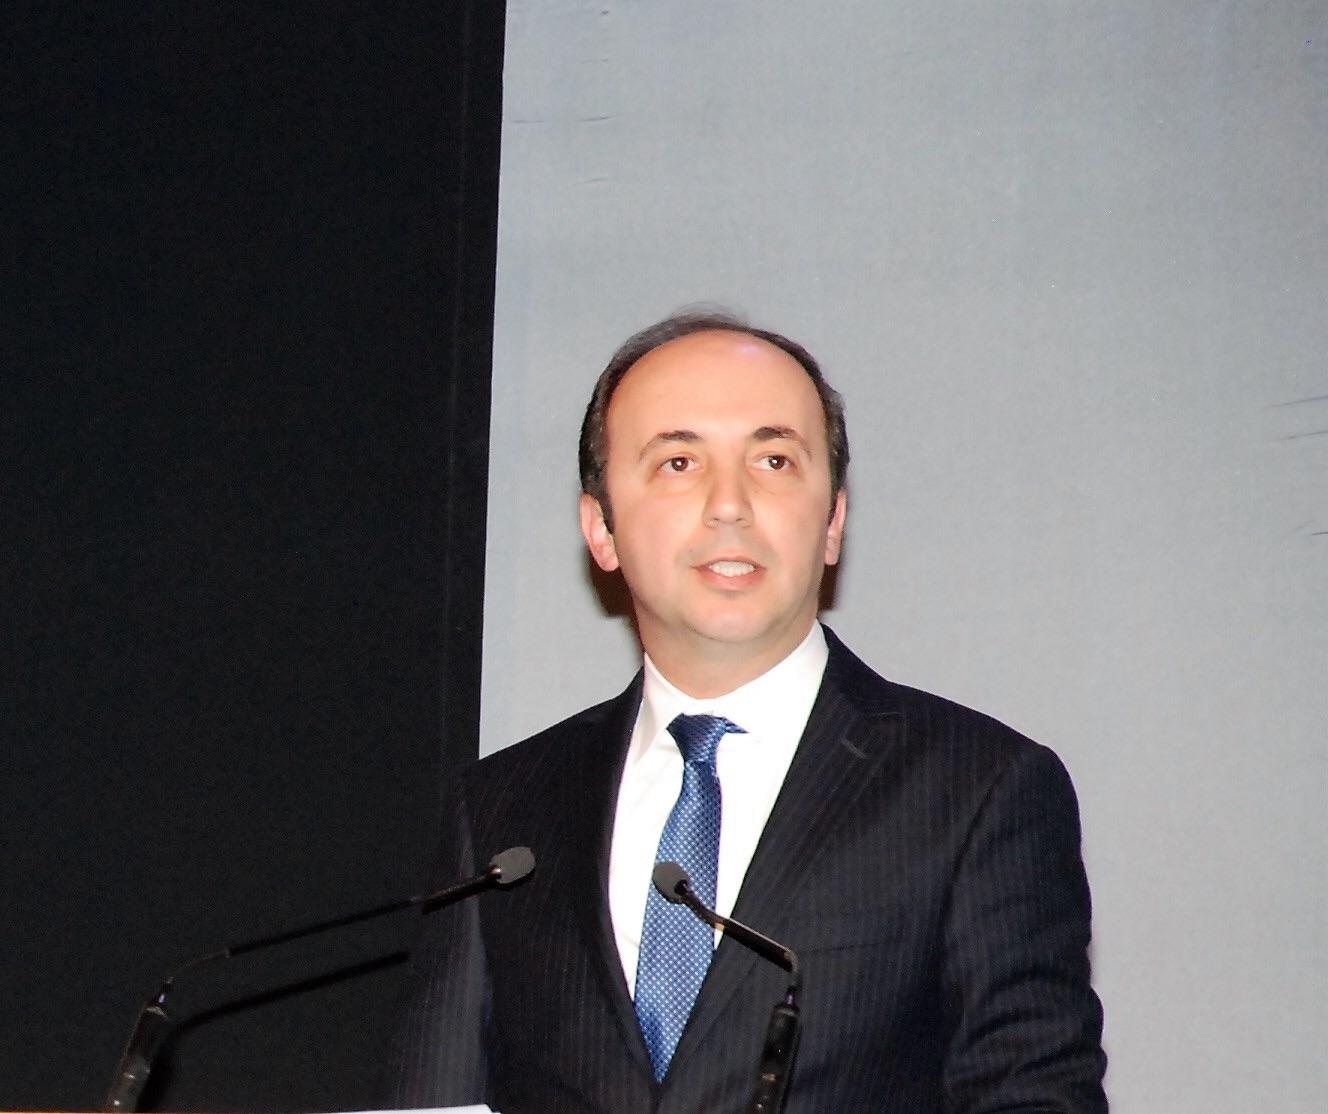 أنس الدكالي وزير الصحة المغربي